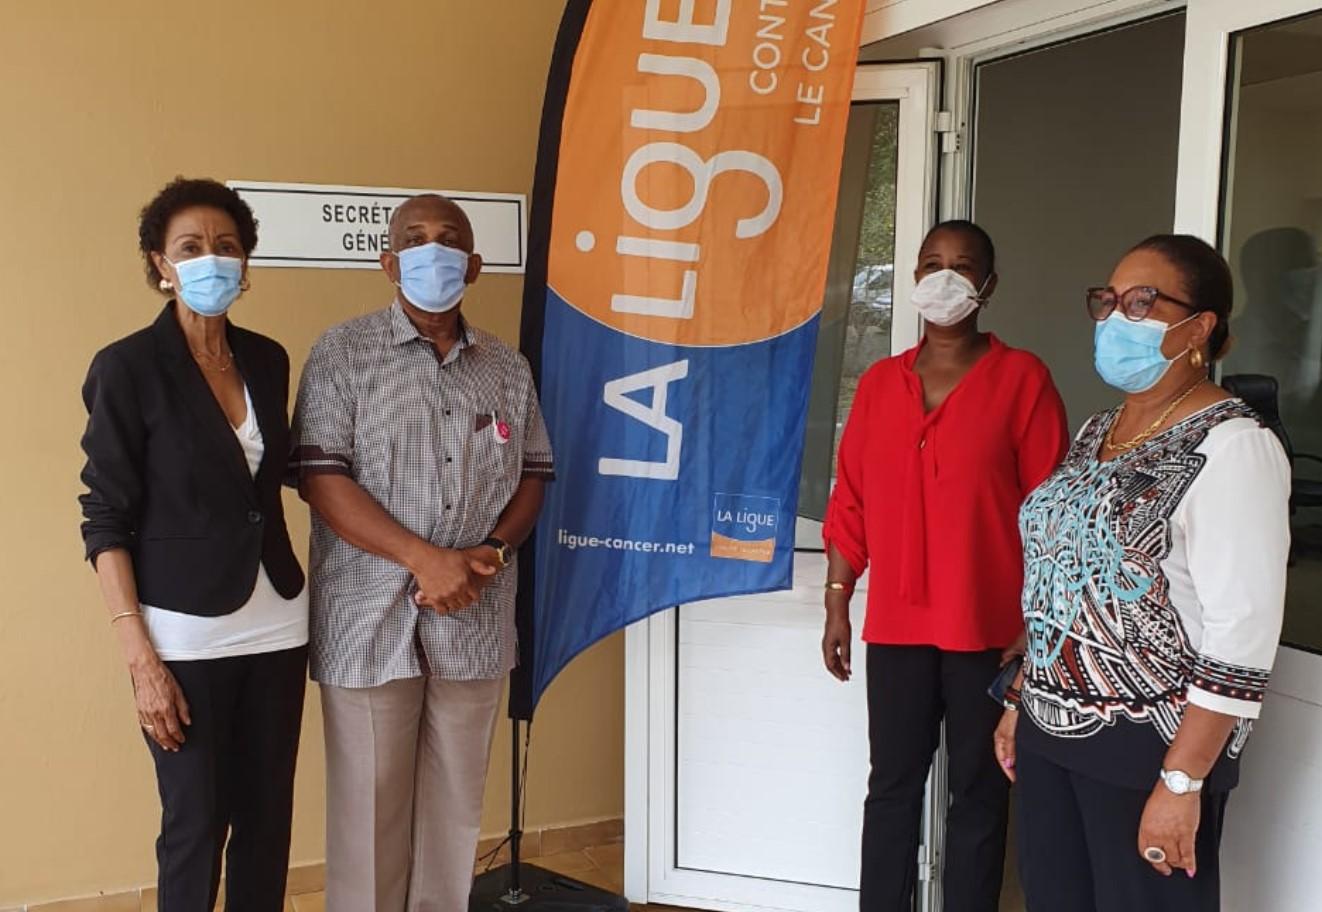 Une maison du cancer à Basse-Terre